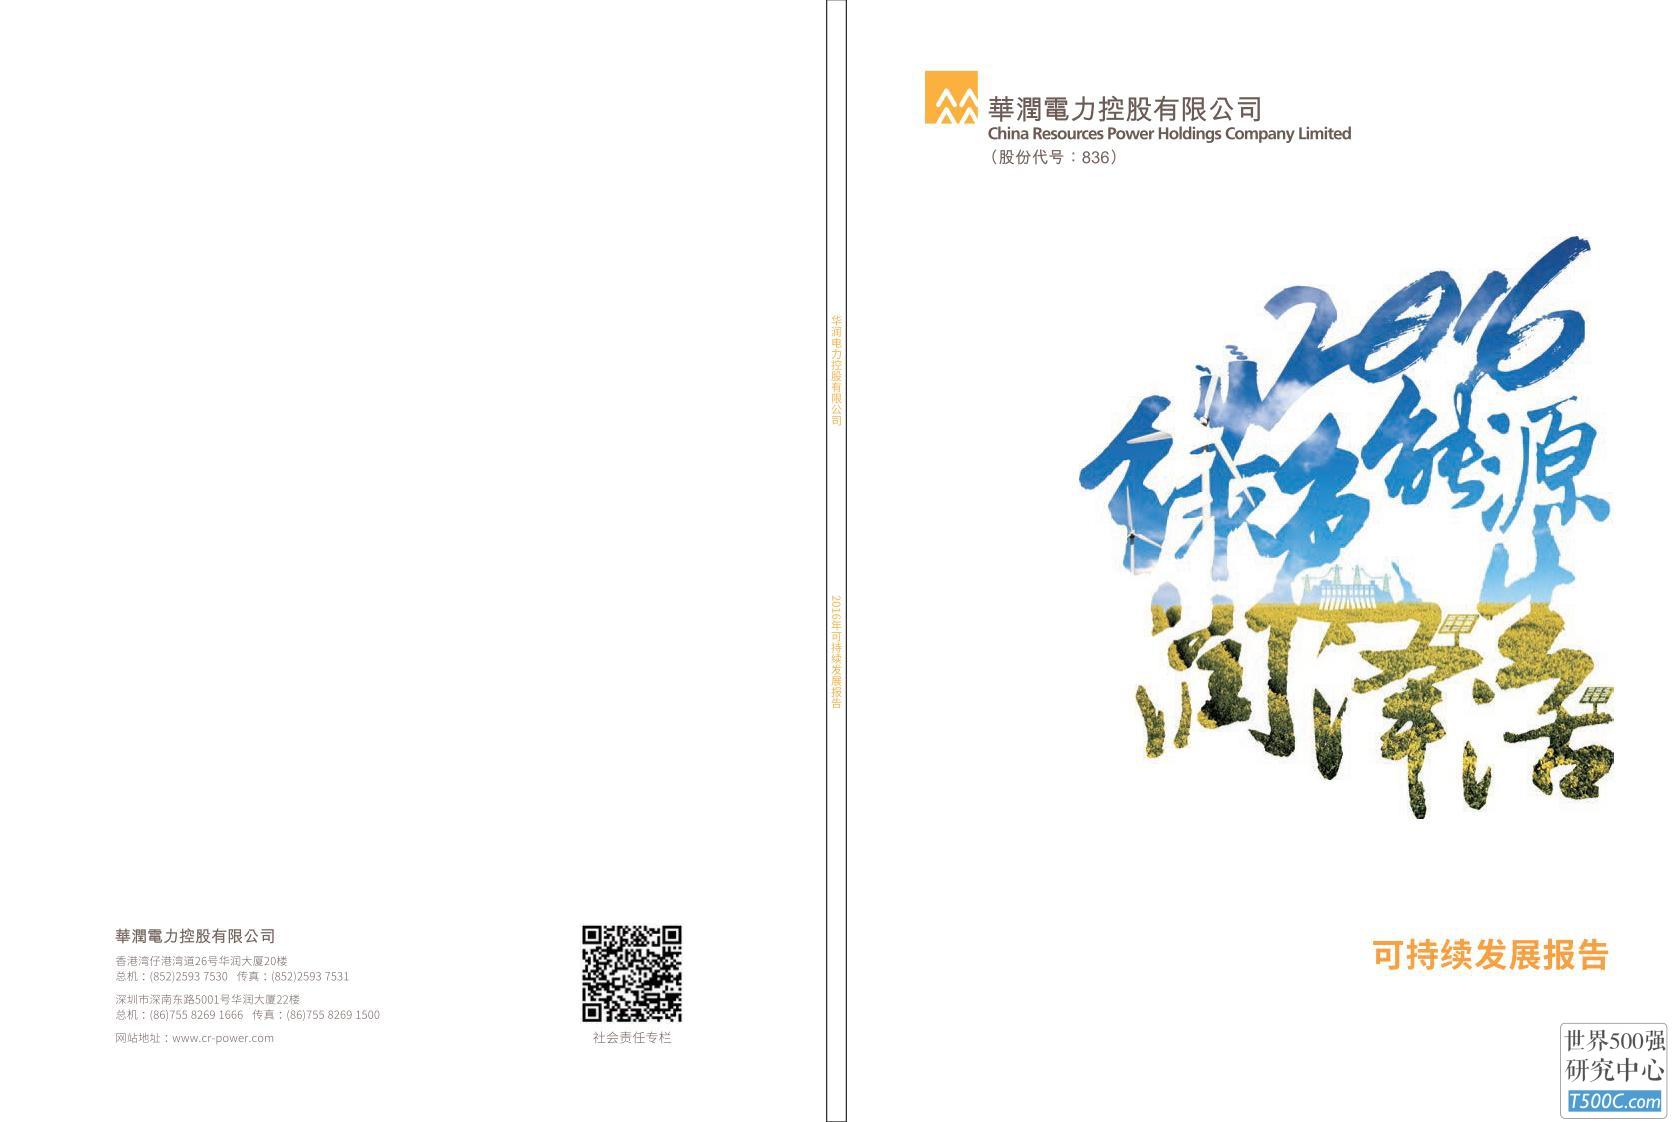 华润电力2016年度社会责任报告